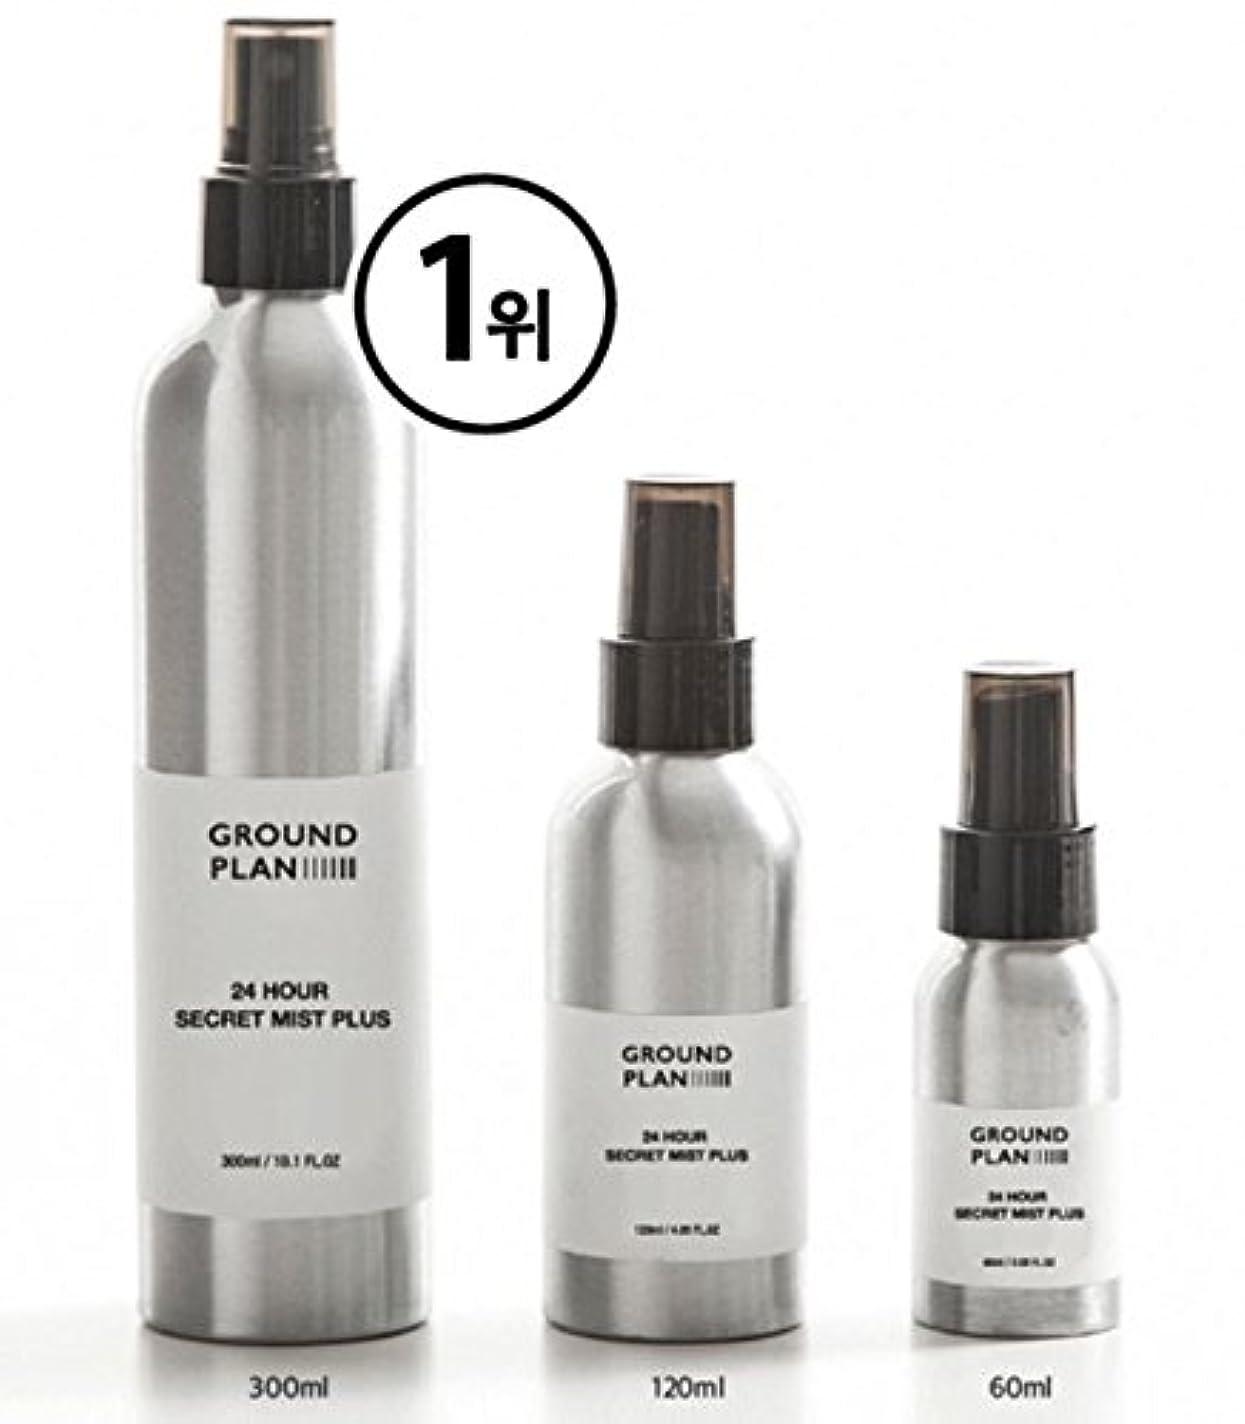 趣味中絶スタウト[グラウンド?プラン] 24Hour 秘密 スキンミスト Plus (120ml) (300ml) Ground plan 24 Hour Secret Skin Mist Plus [海外直送品] (120ml)